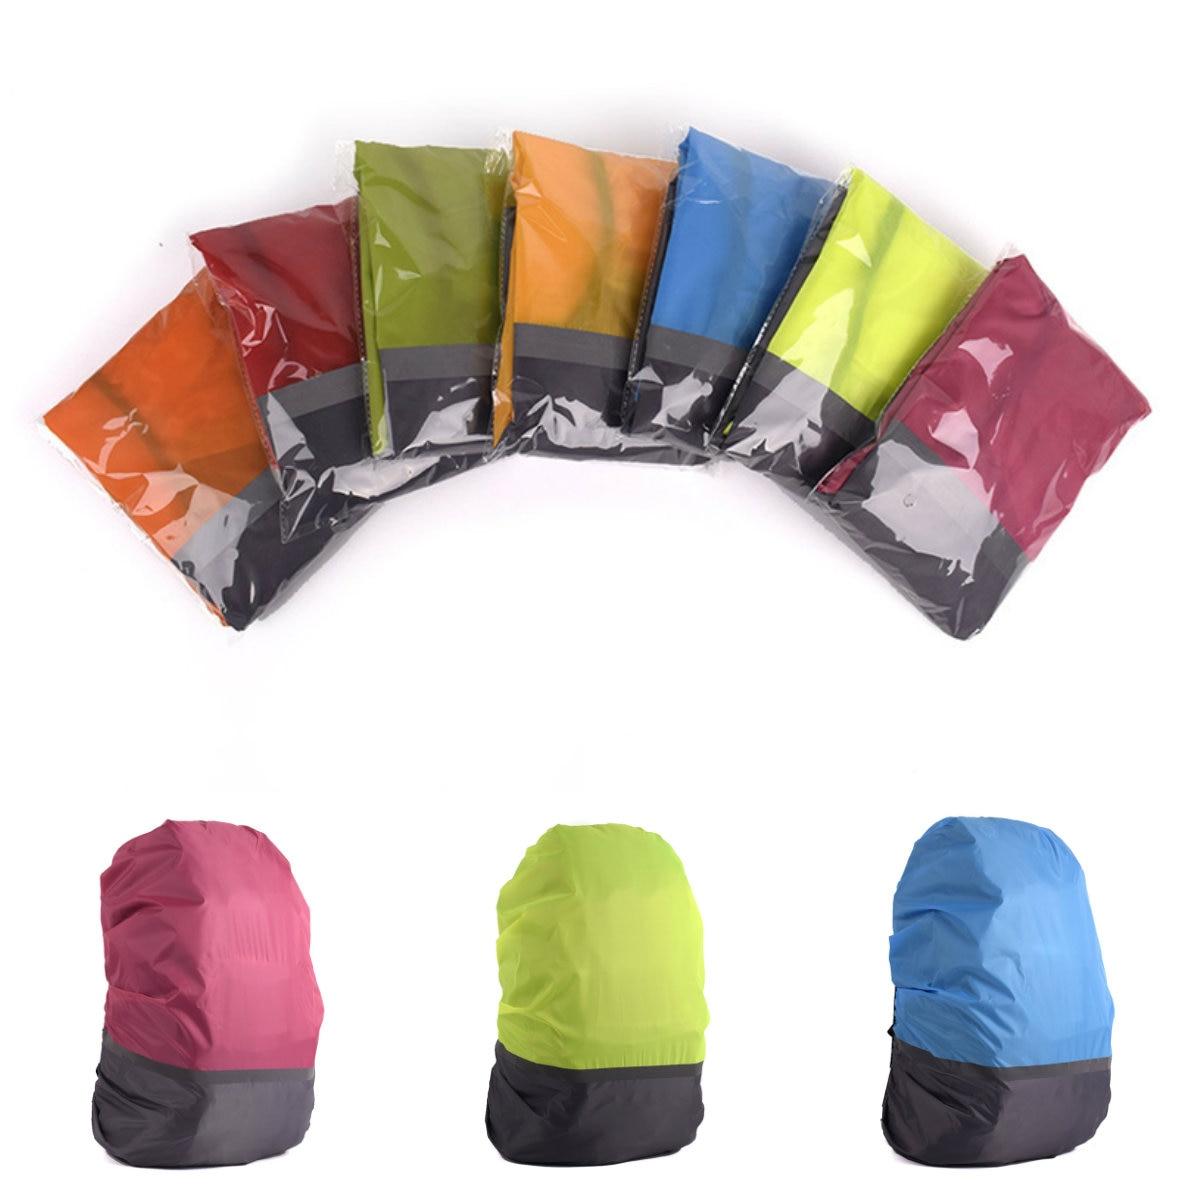 1 шт. Открытый Кемпинг 30-40L светоотражающий водонепроницаемый рюкзак дождевик Сумка чехол для путешествий непромокаемые пылезащитные